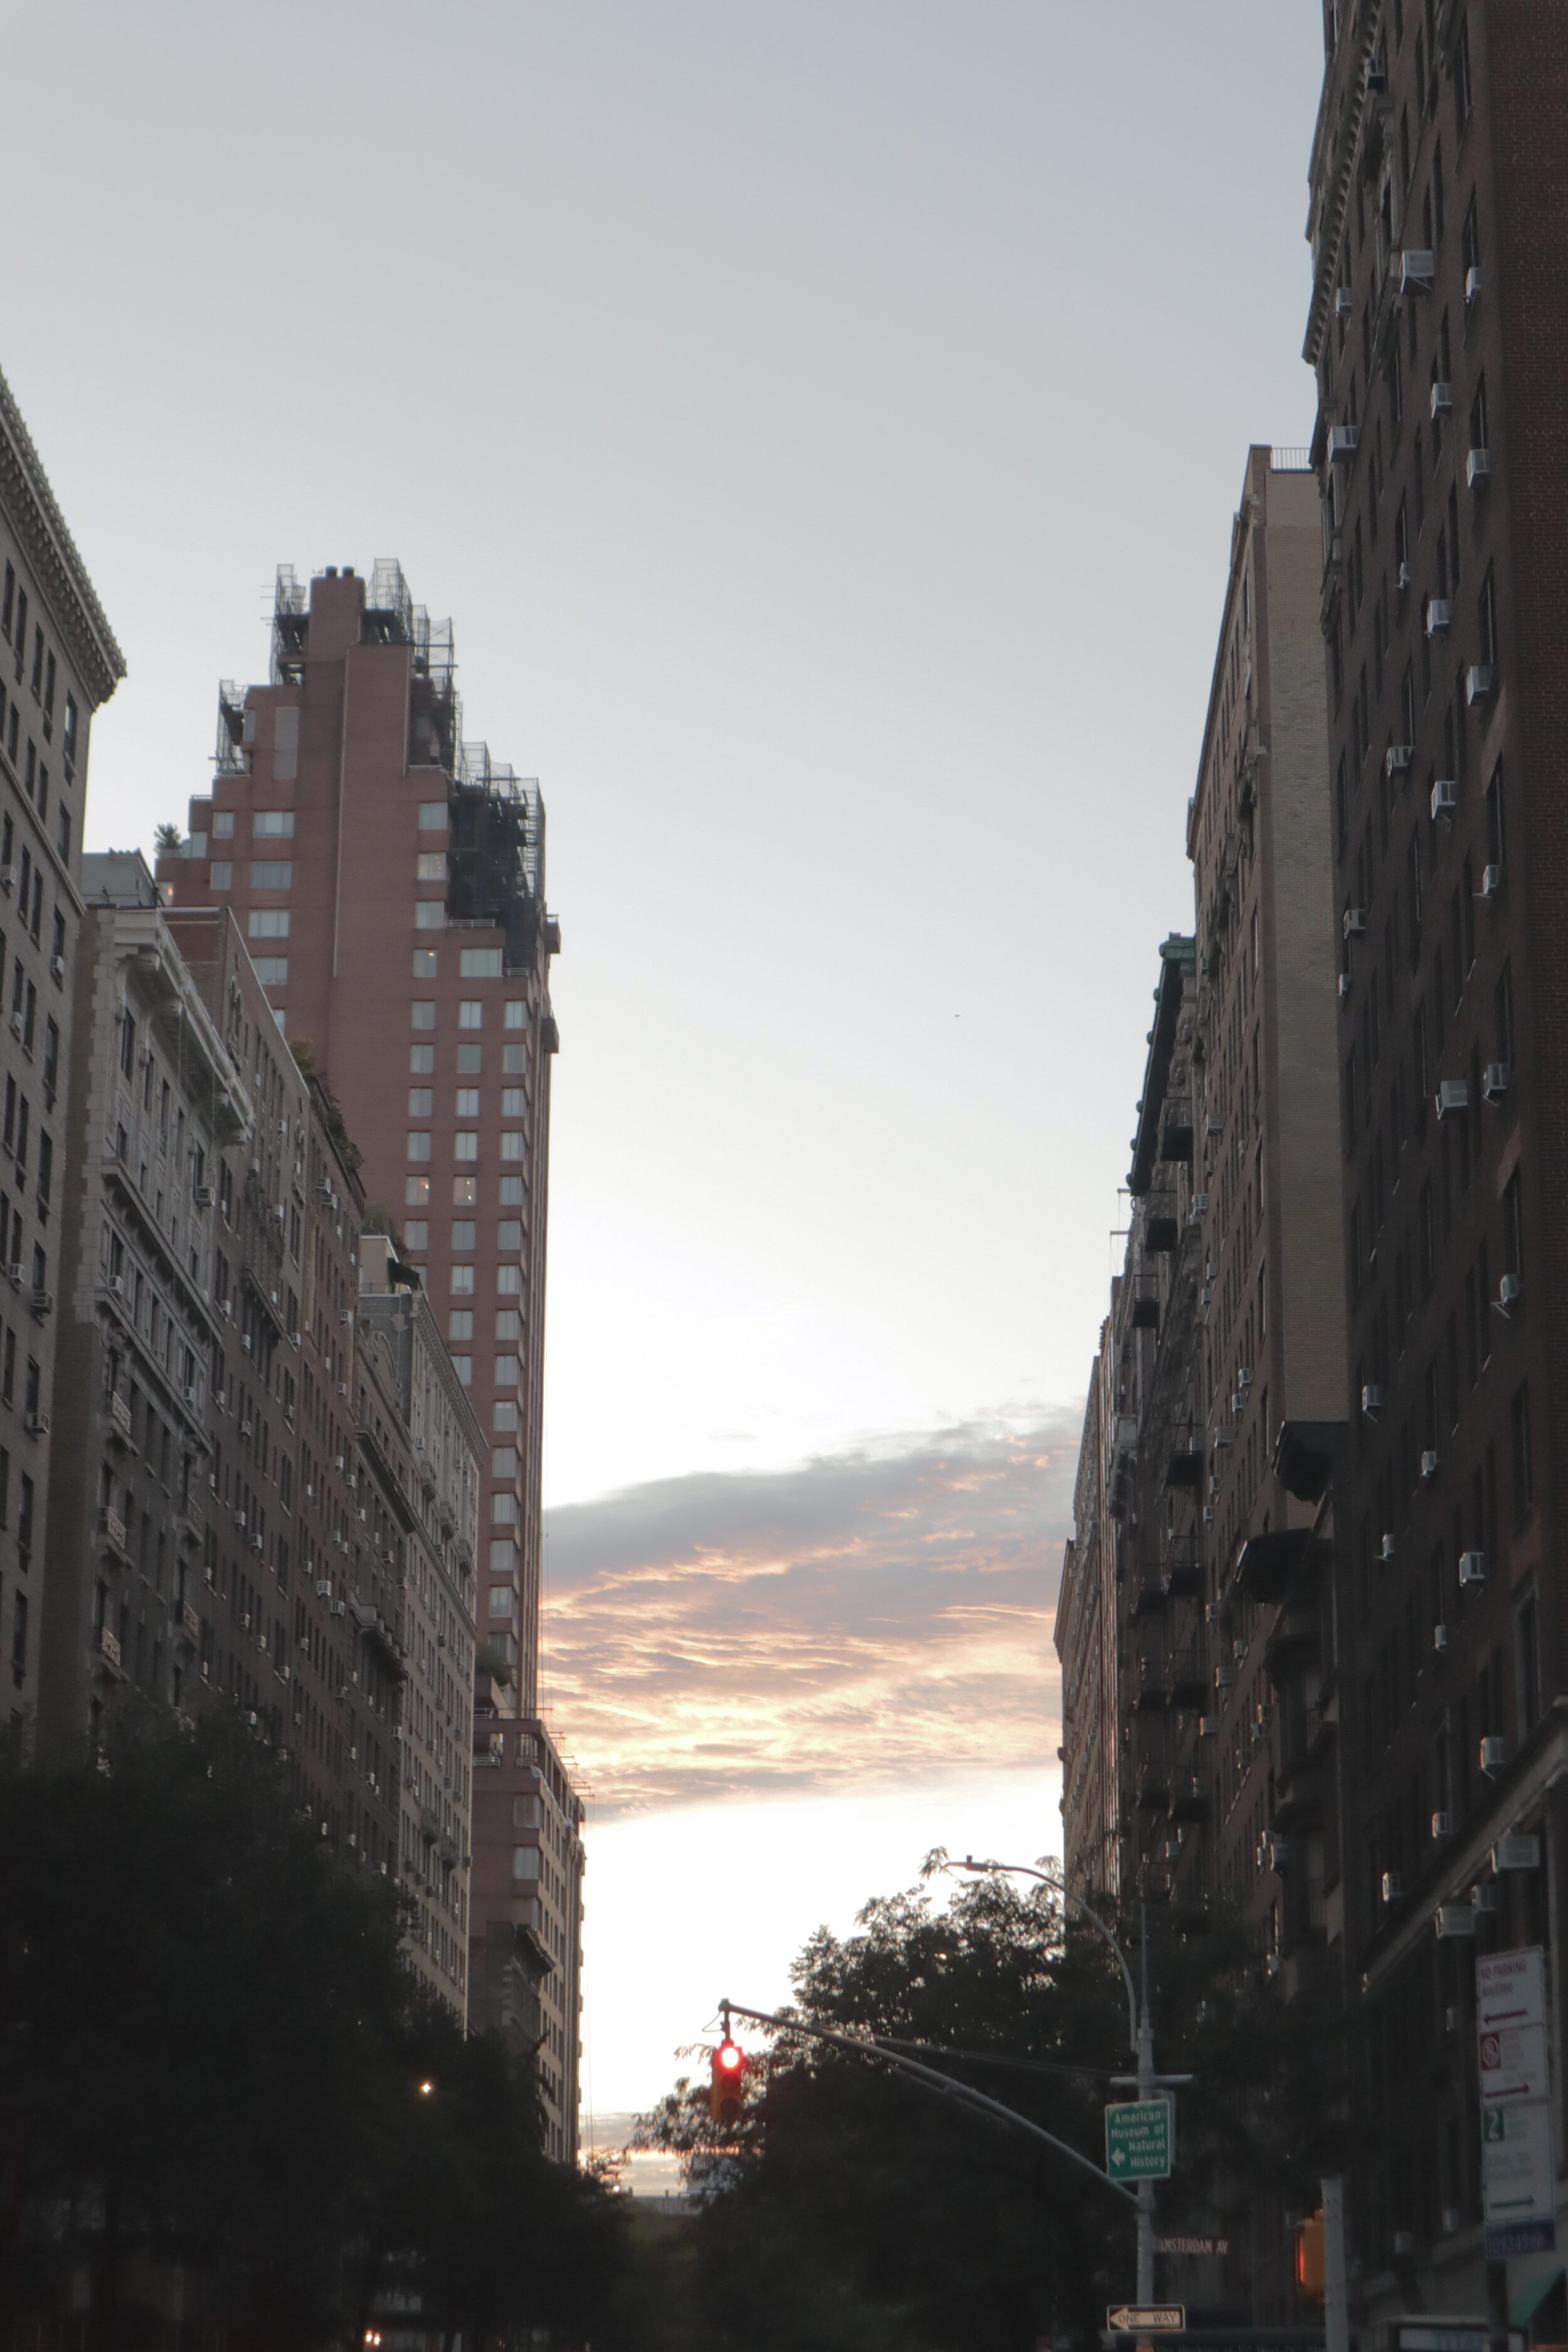 Sunrises in New York